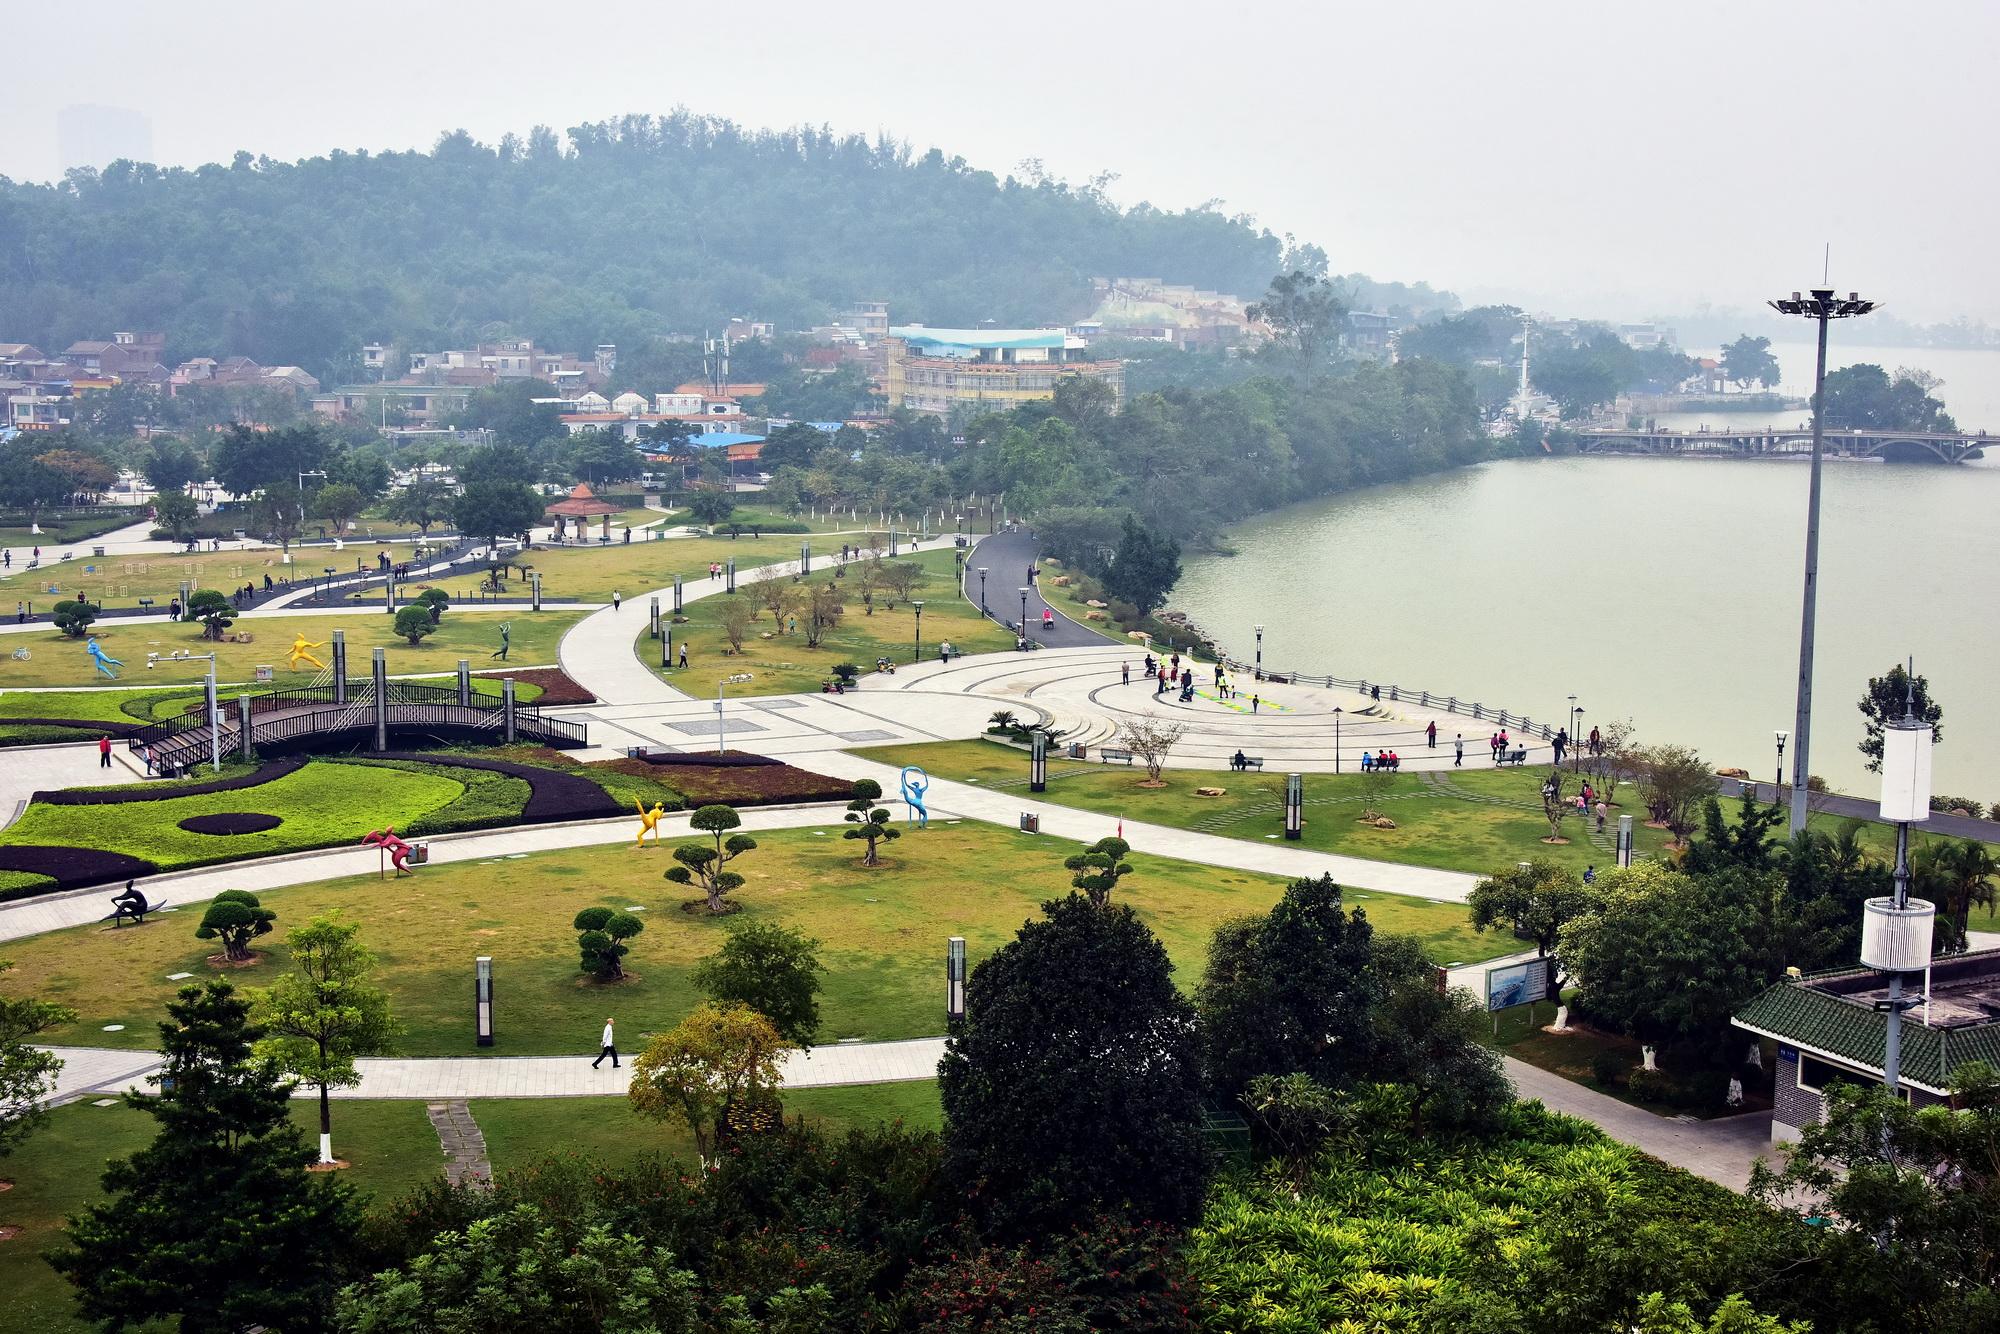 12月1日,廣東省肇慶市城市景觀。攝影/章軻